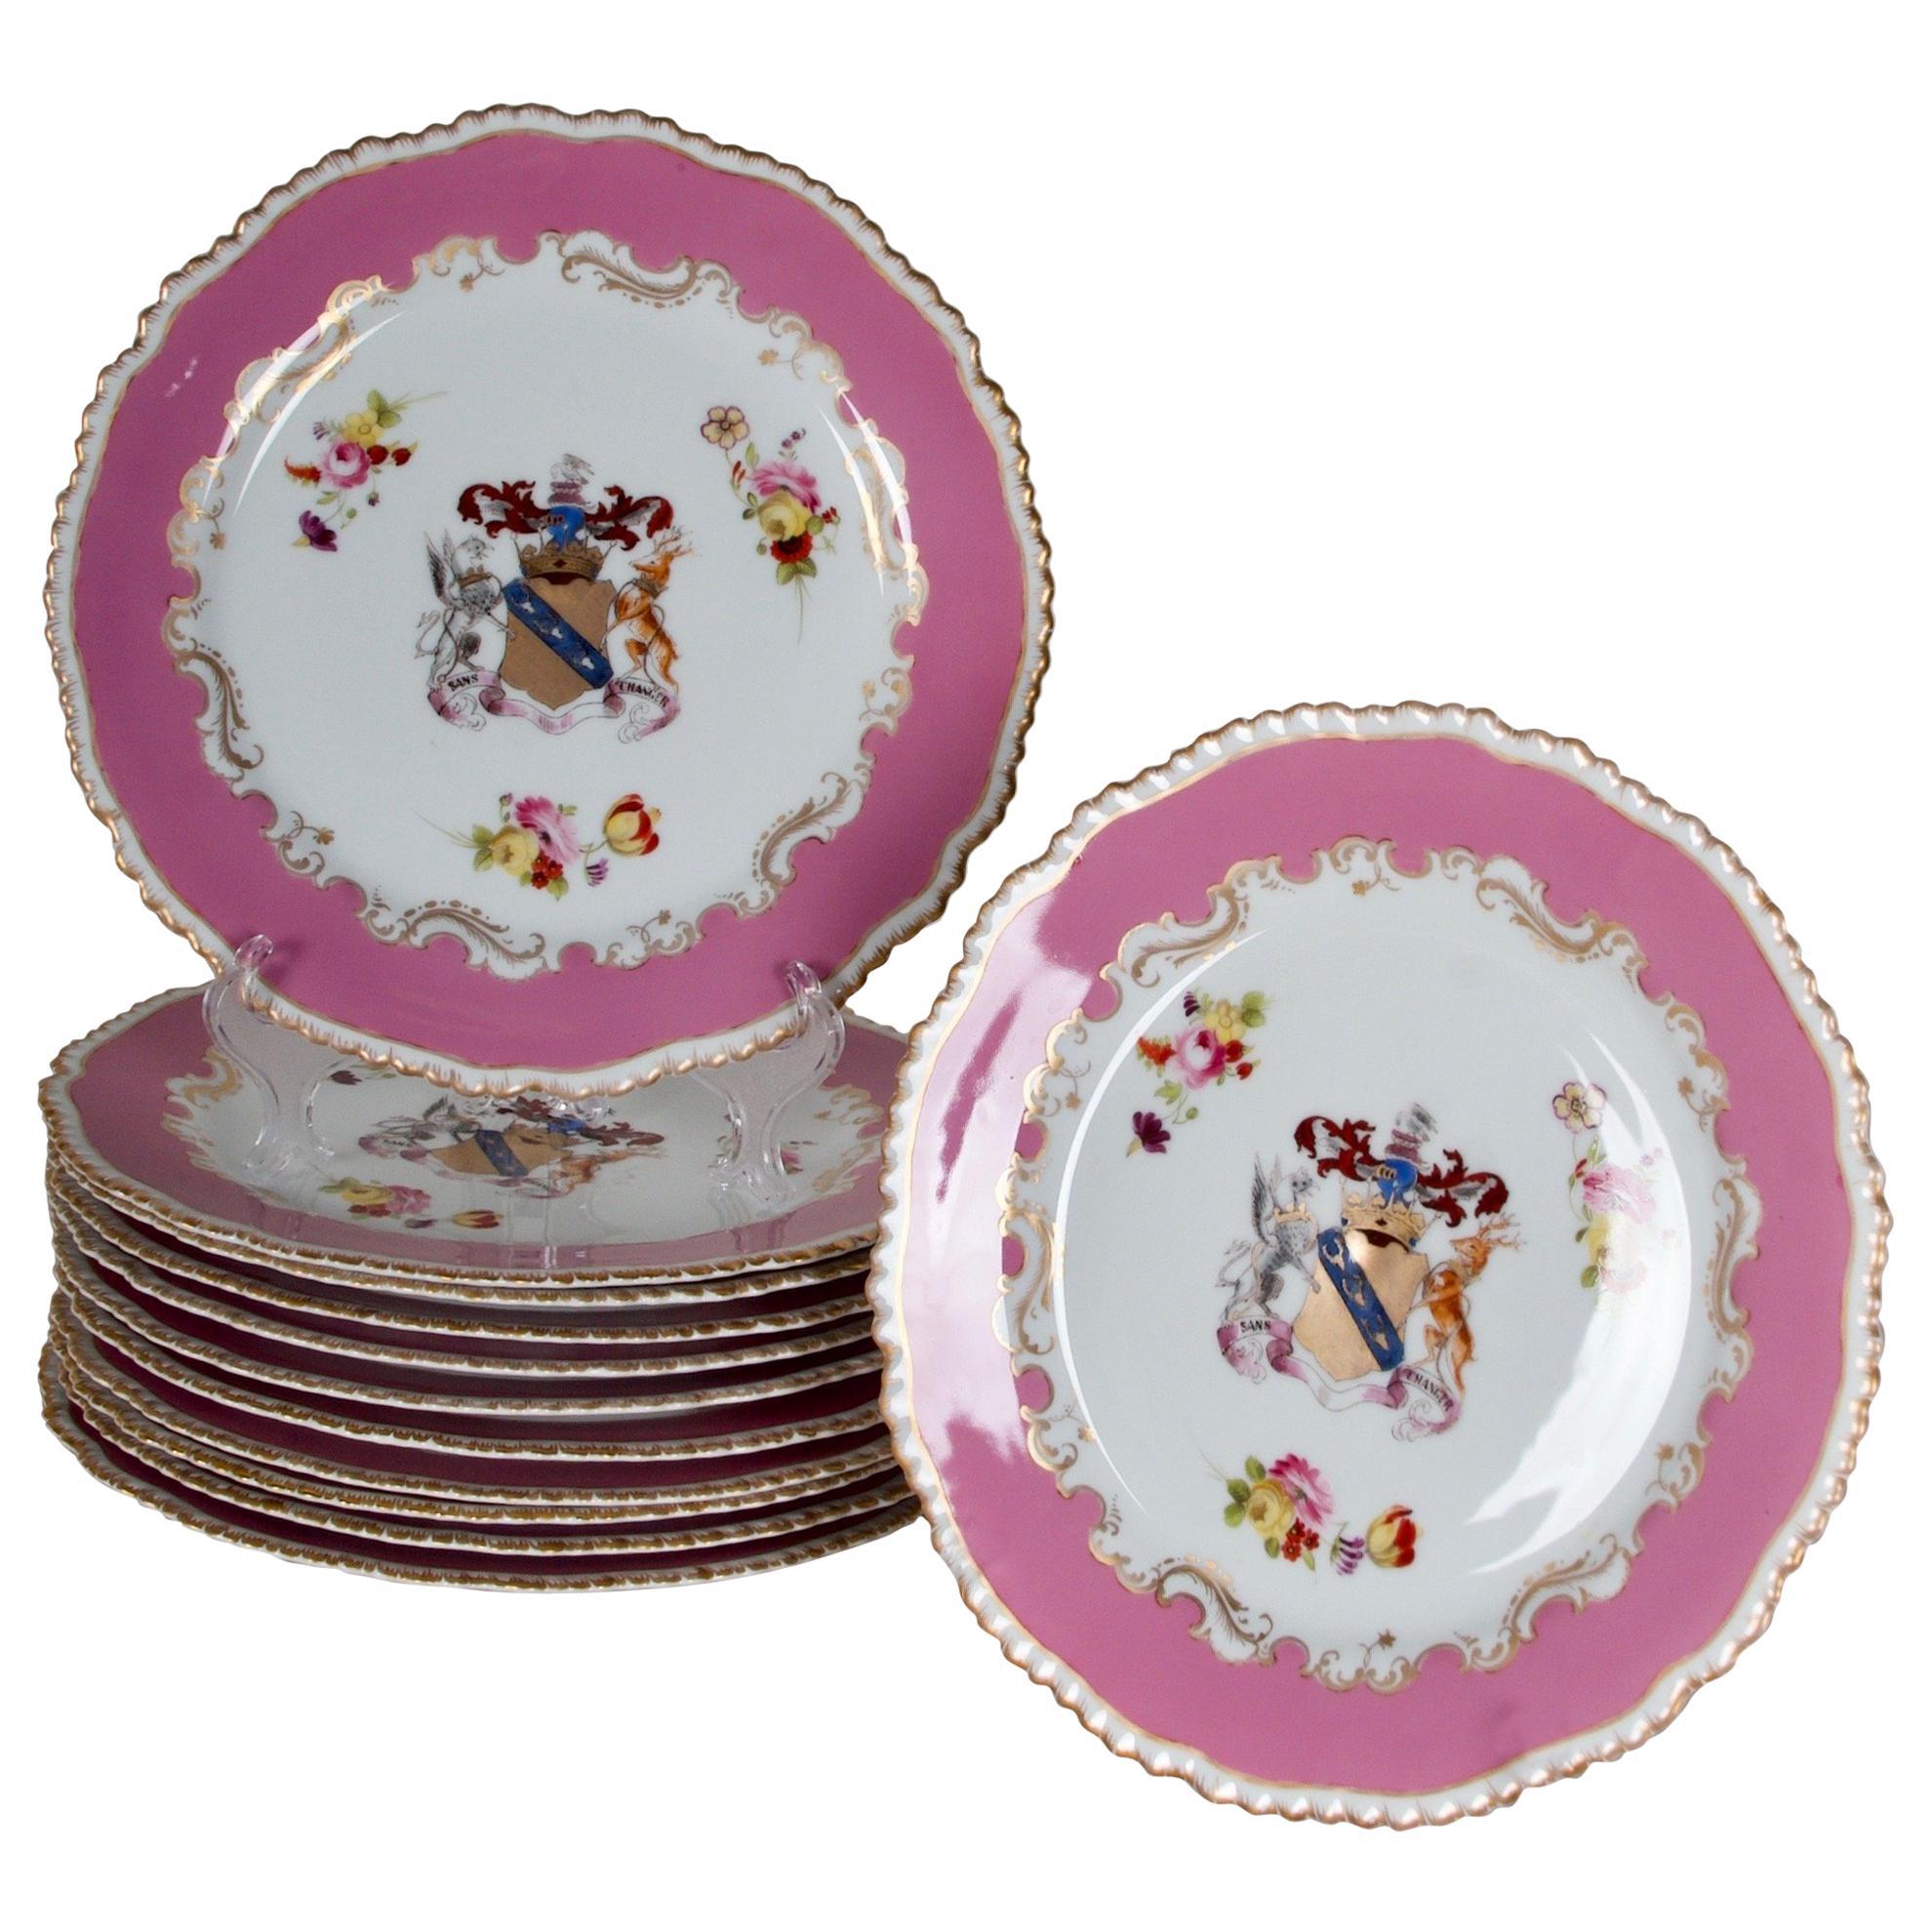 1830 Rockingham Porcelain Dinner Plates, set of 12